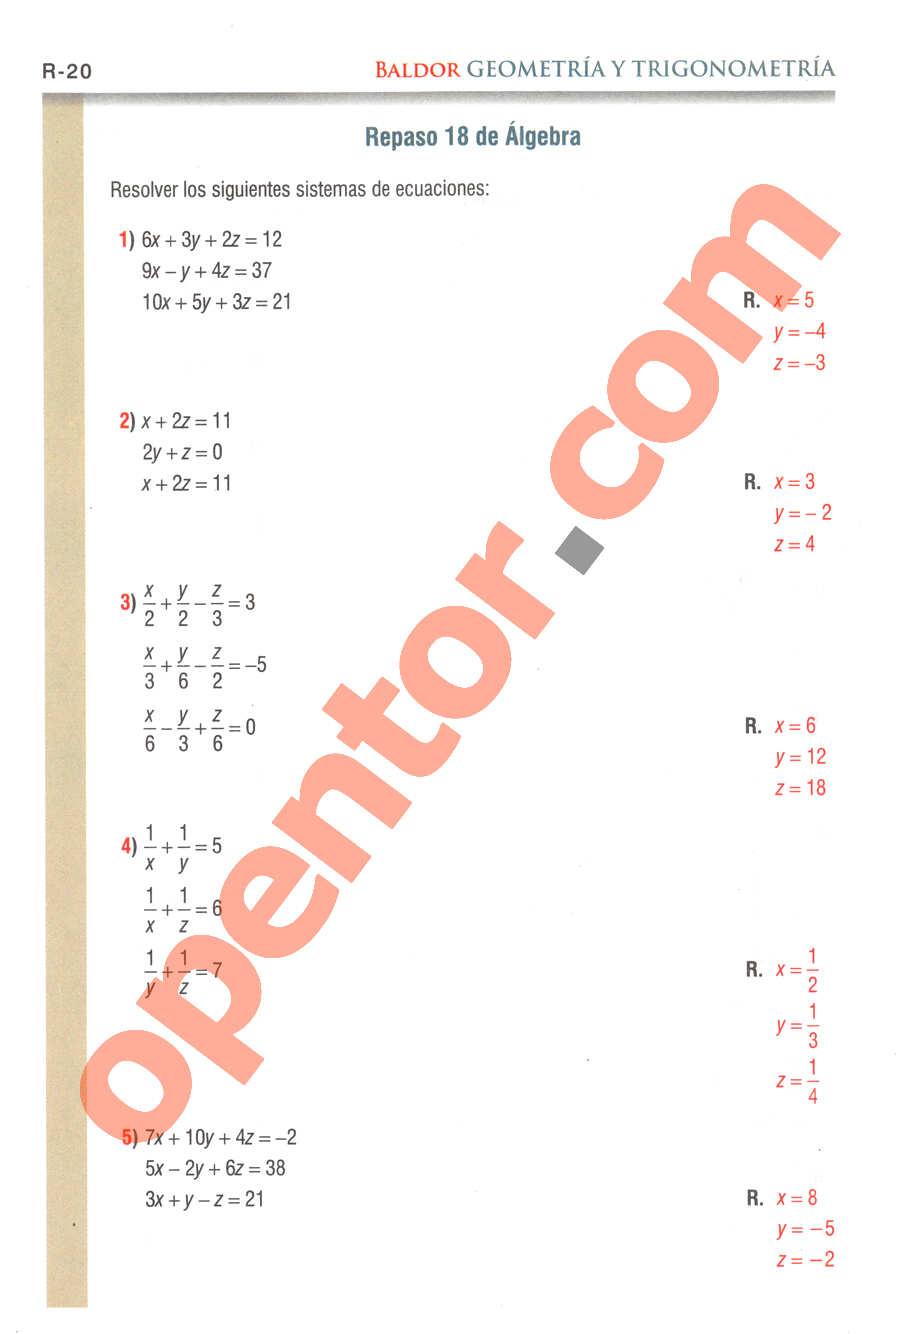 Geometría y Trigonometría de Baldor - Página R20